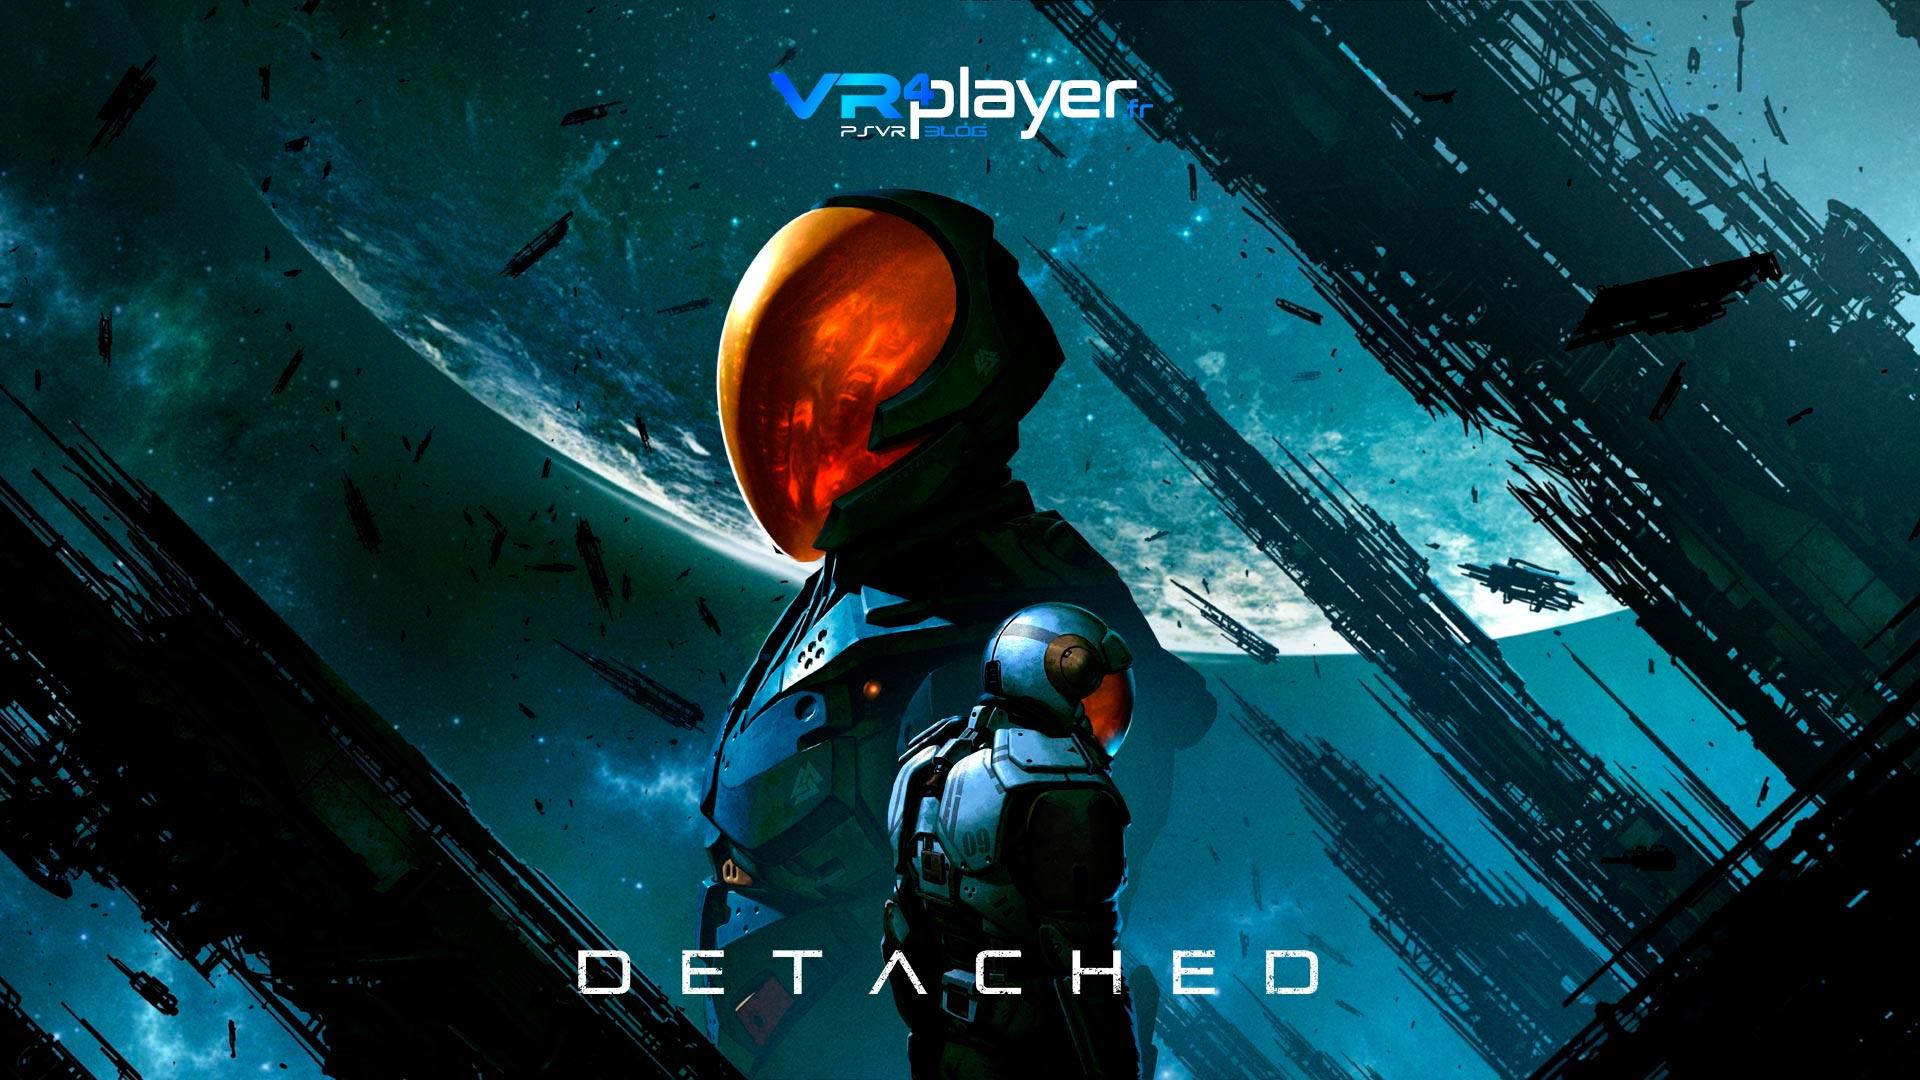 Detached sur PlayStation VR VR4Player